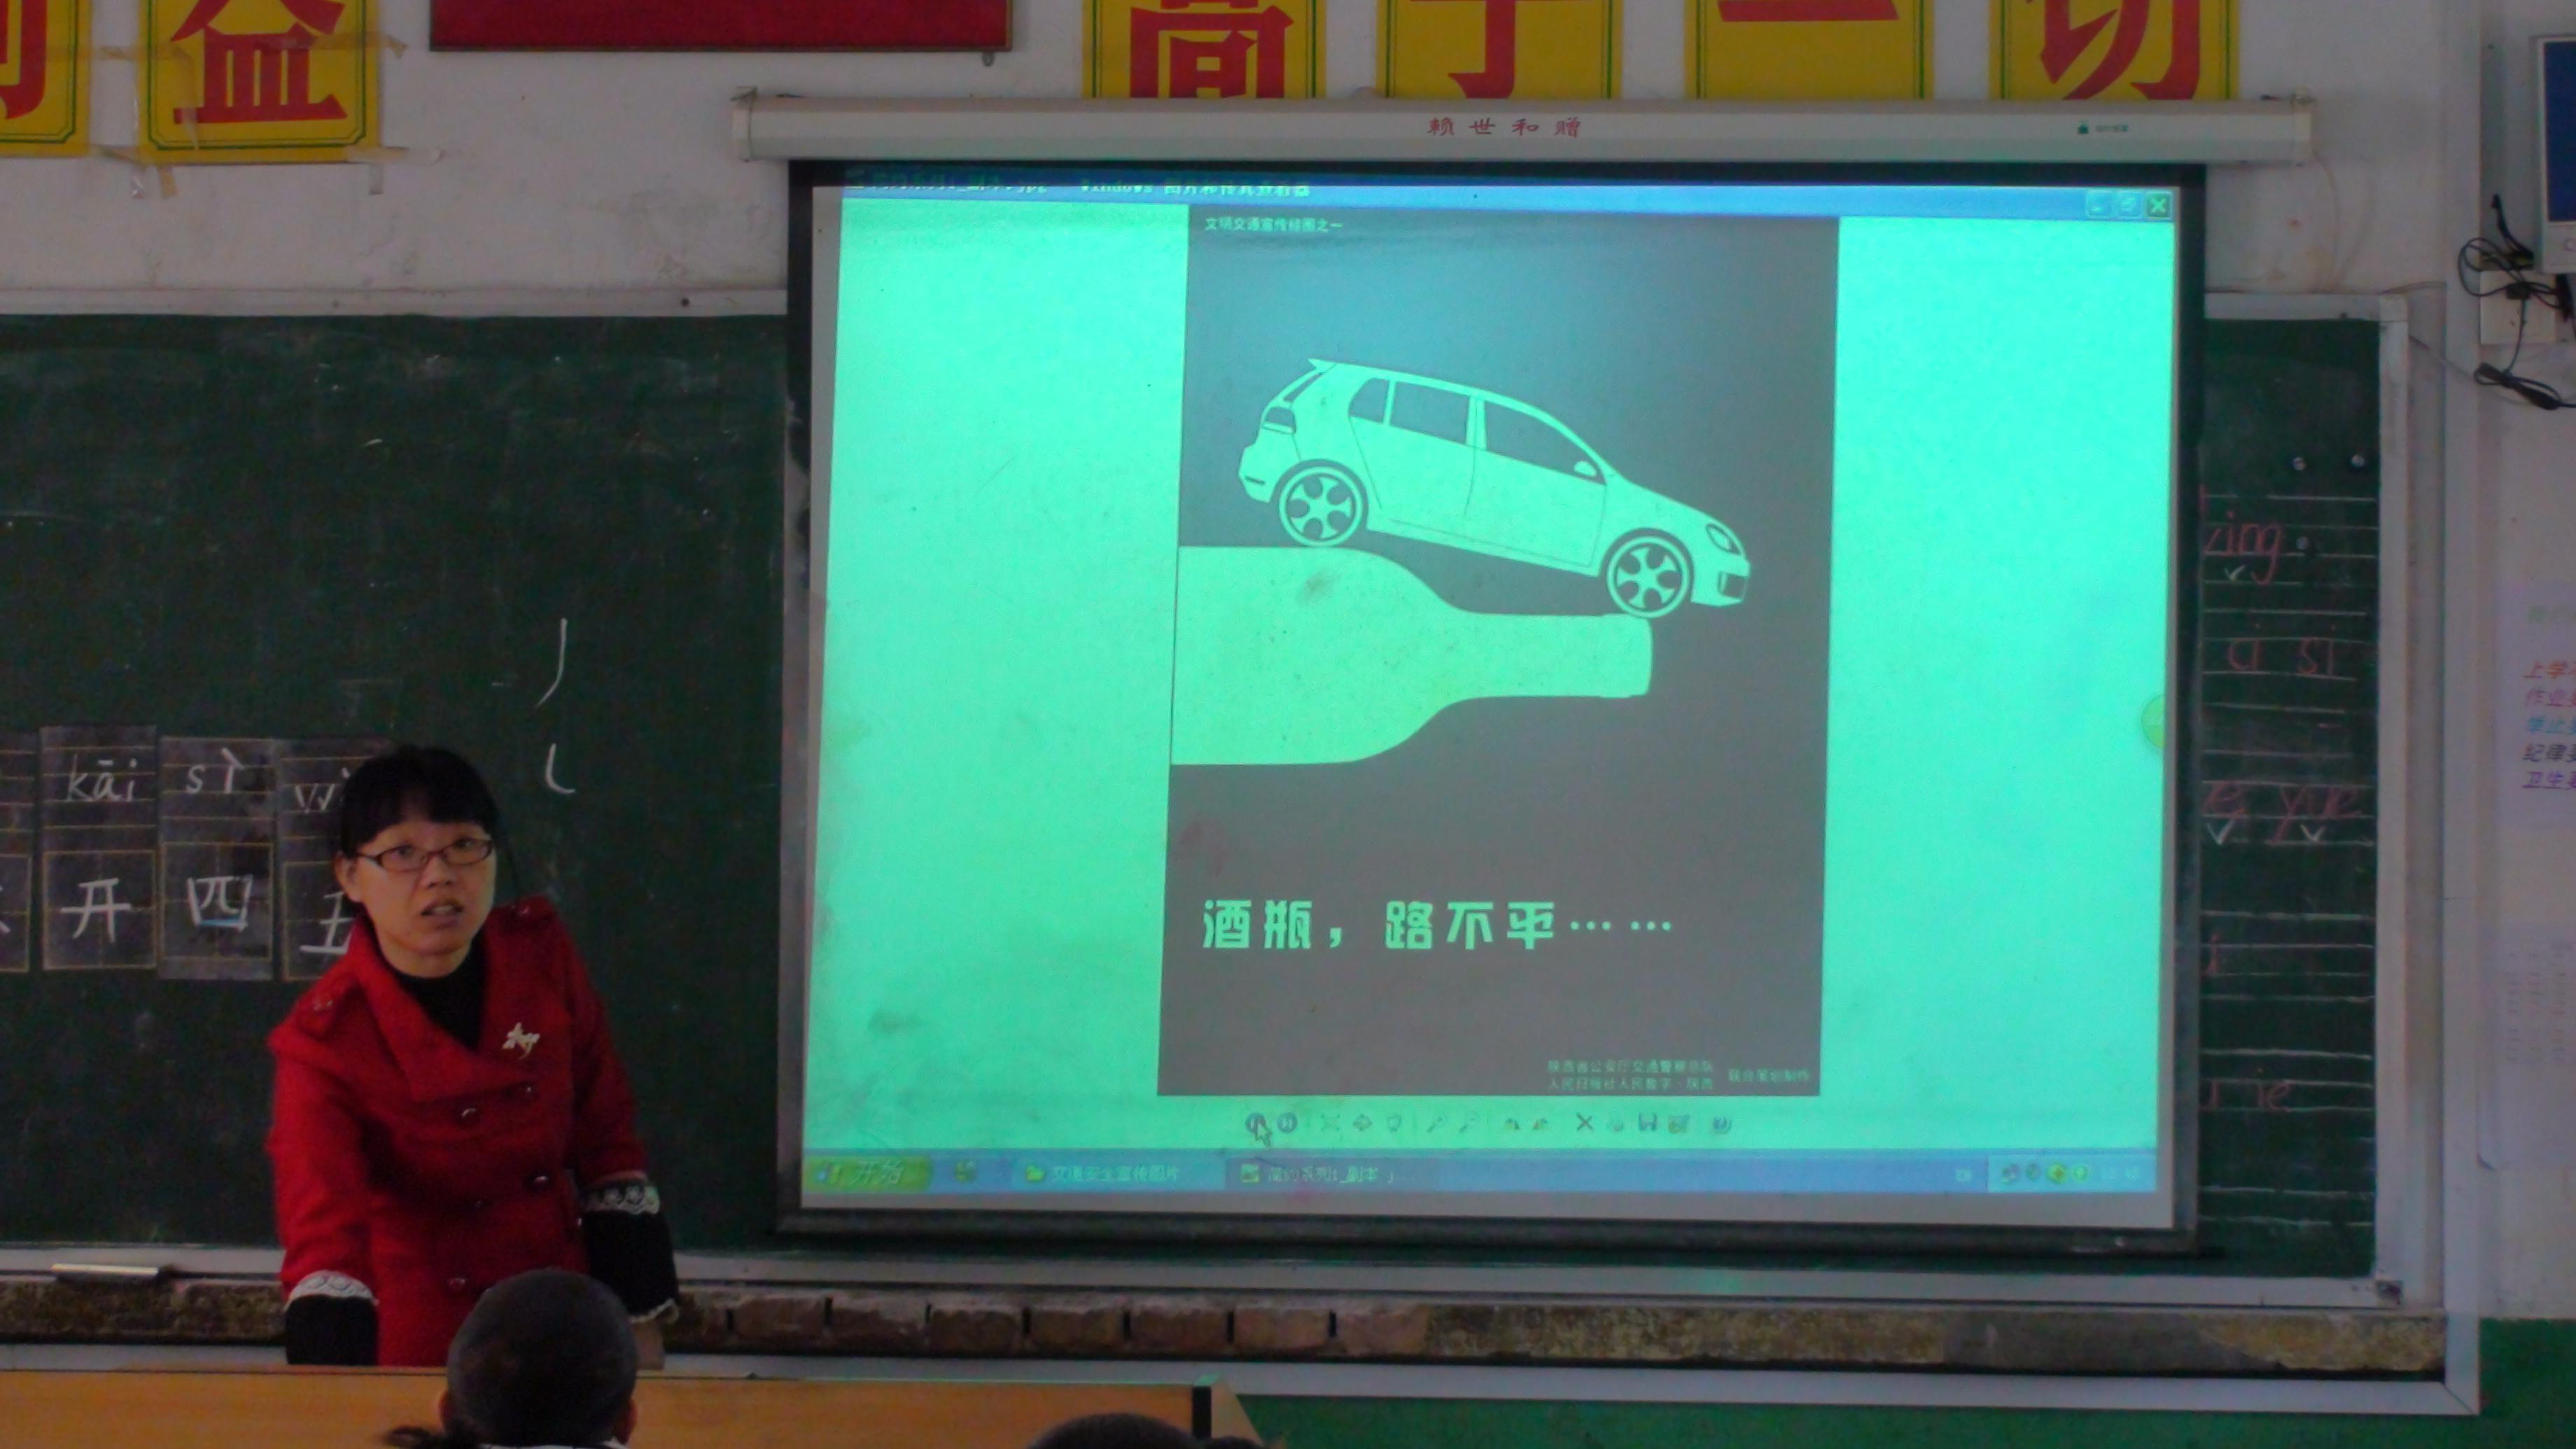 大湖中心小学全国交通安全宣传日 活动总结